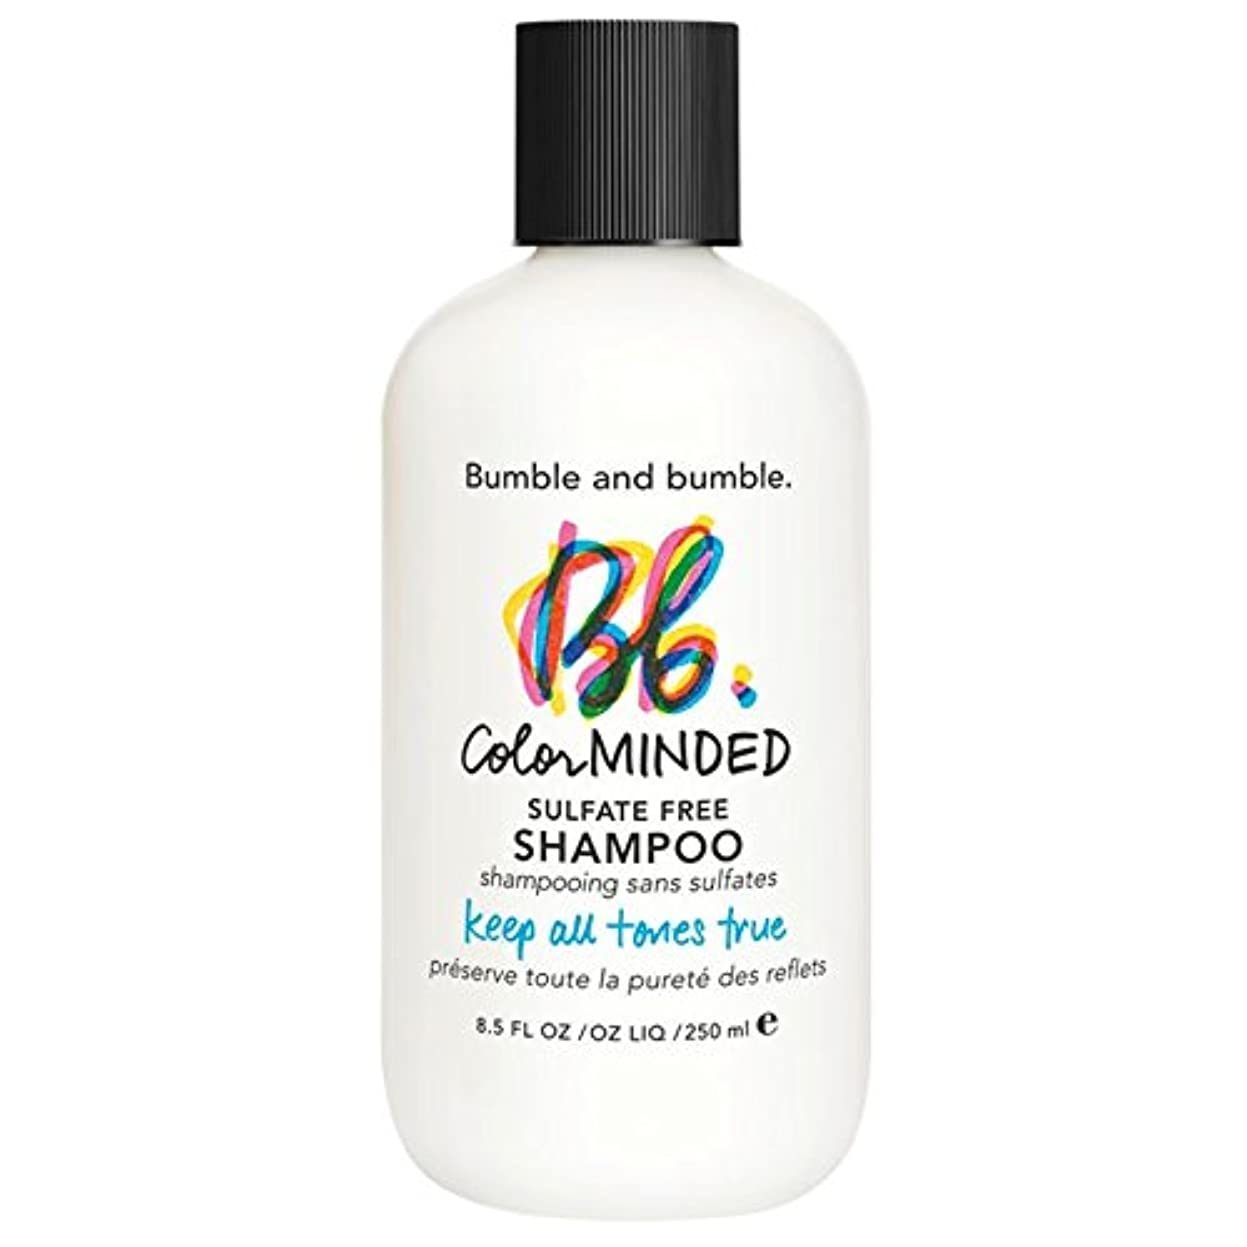 金曜日端寛解バンブルアンドバンブル色は、硫酸無料シャンプー250ミリリットルを気に (Bumble and bumble) (x2) - Bumble and bumble Color Minded Sulfate Free Shampoo 250ml (Pack of 2) [並行輸入品]